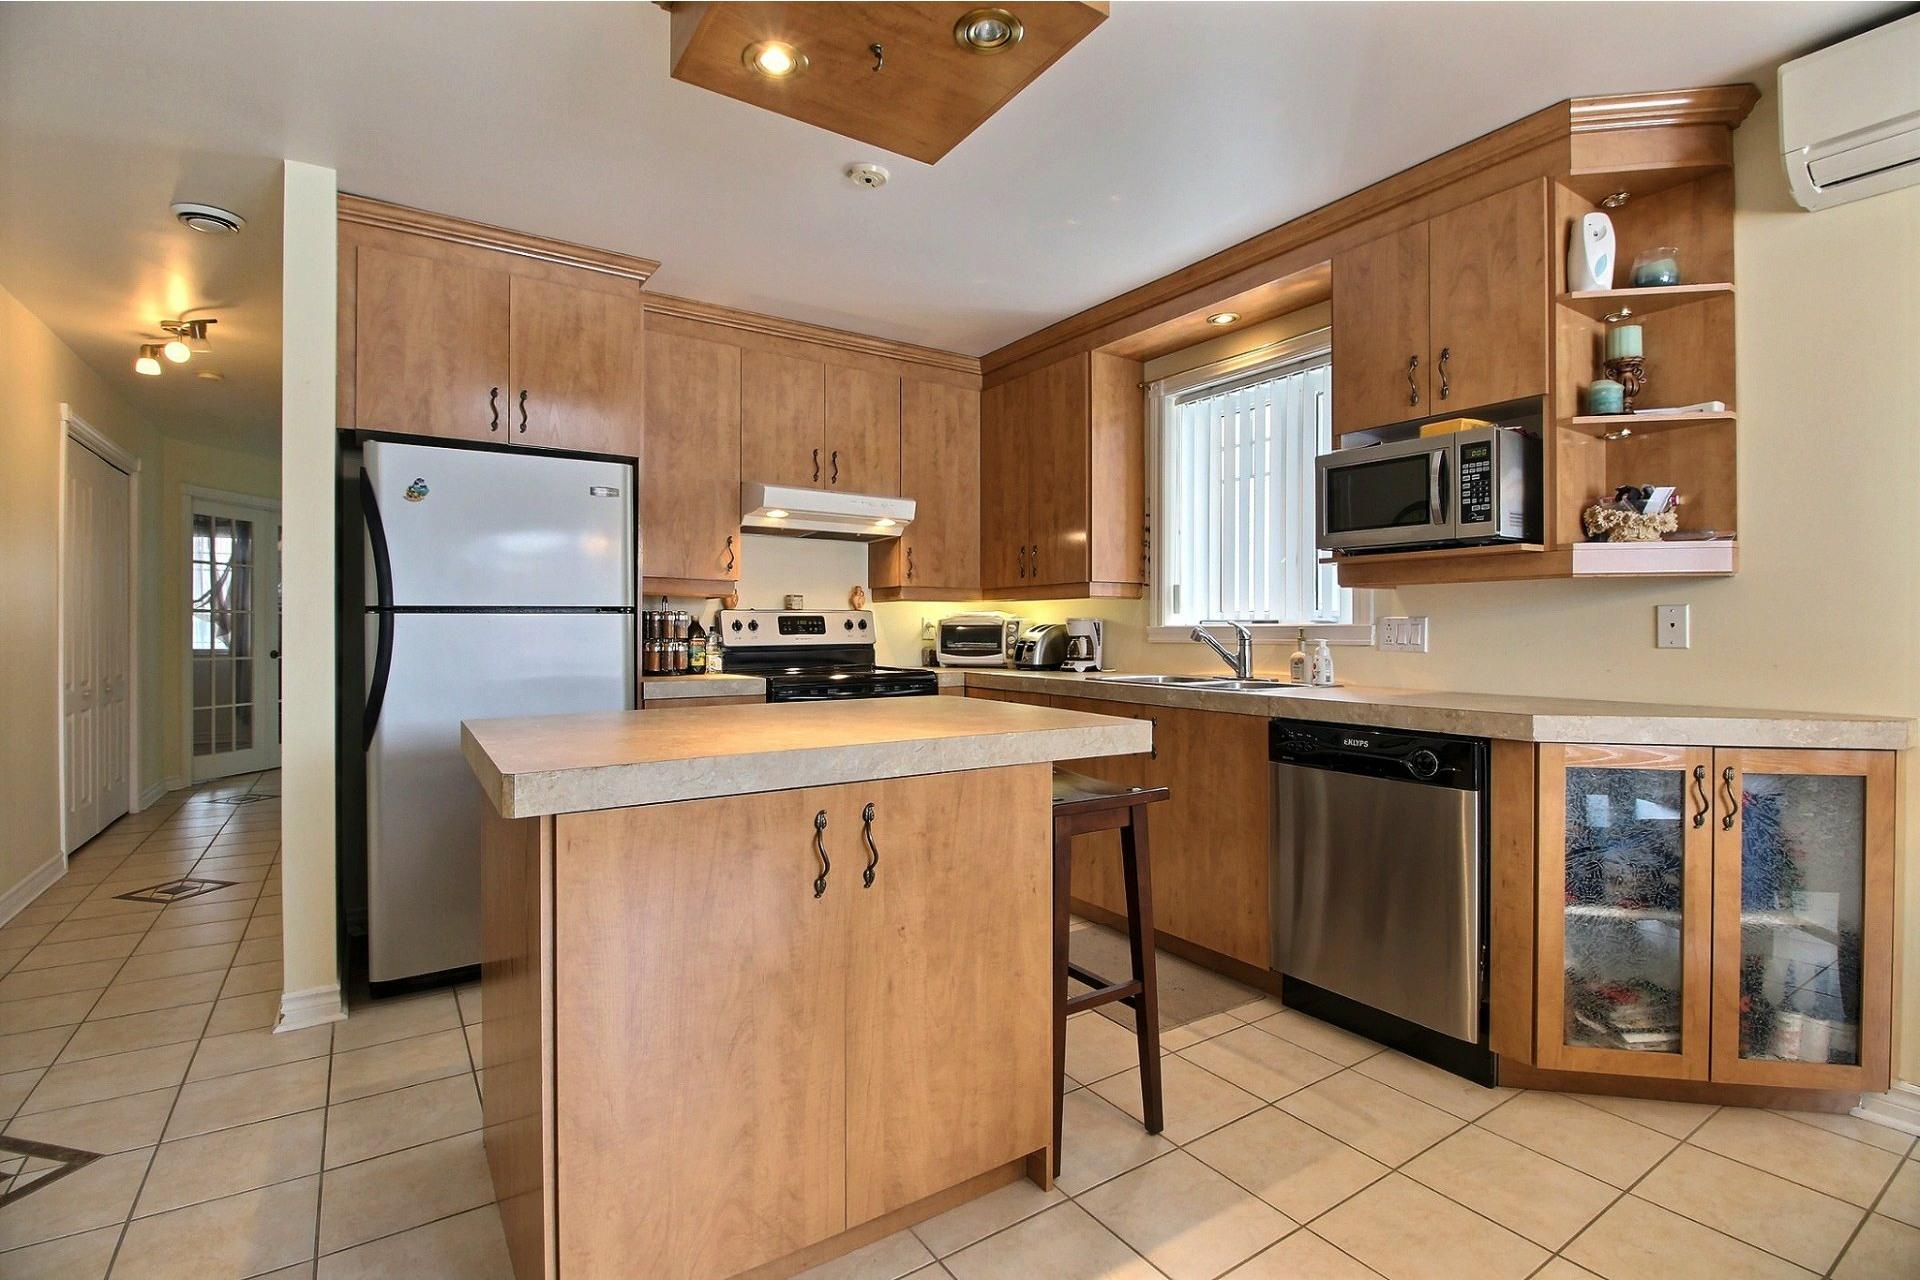 image 8 - Apartment For sale Notre-Dame-des-Prairies - 10 rooms